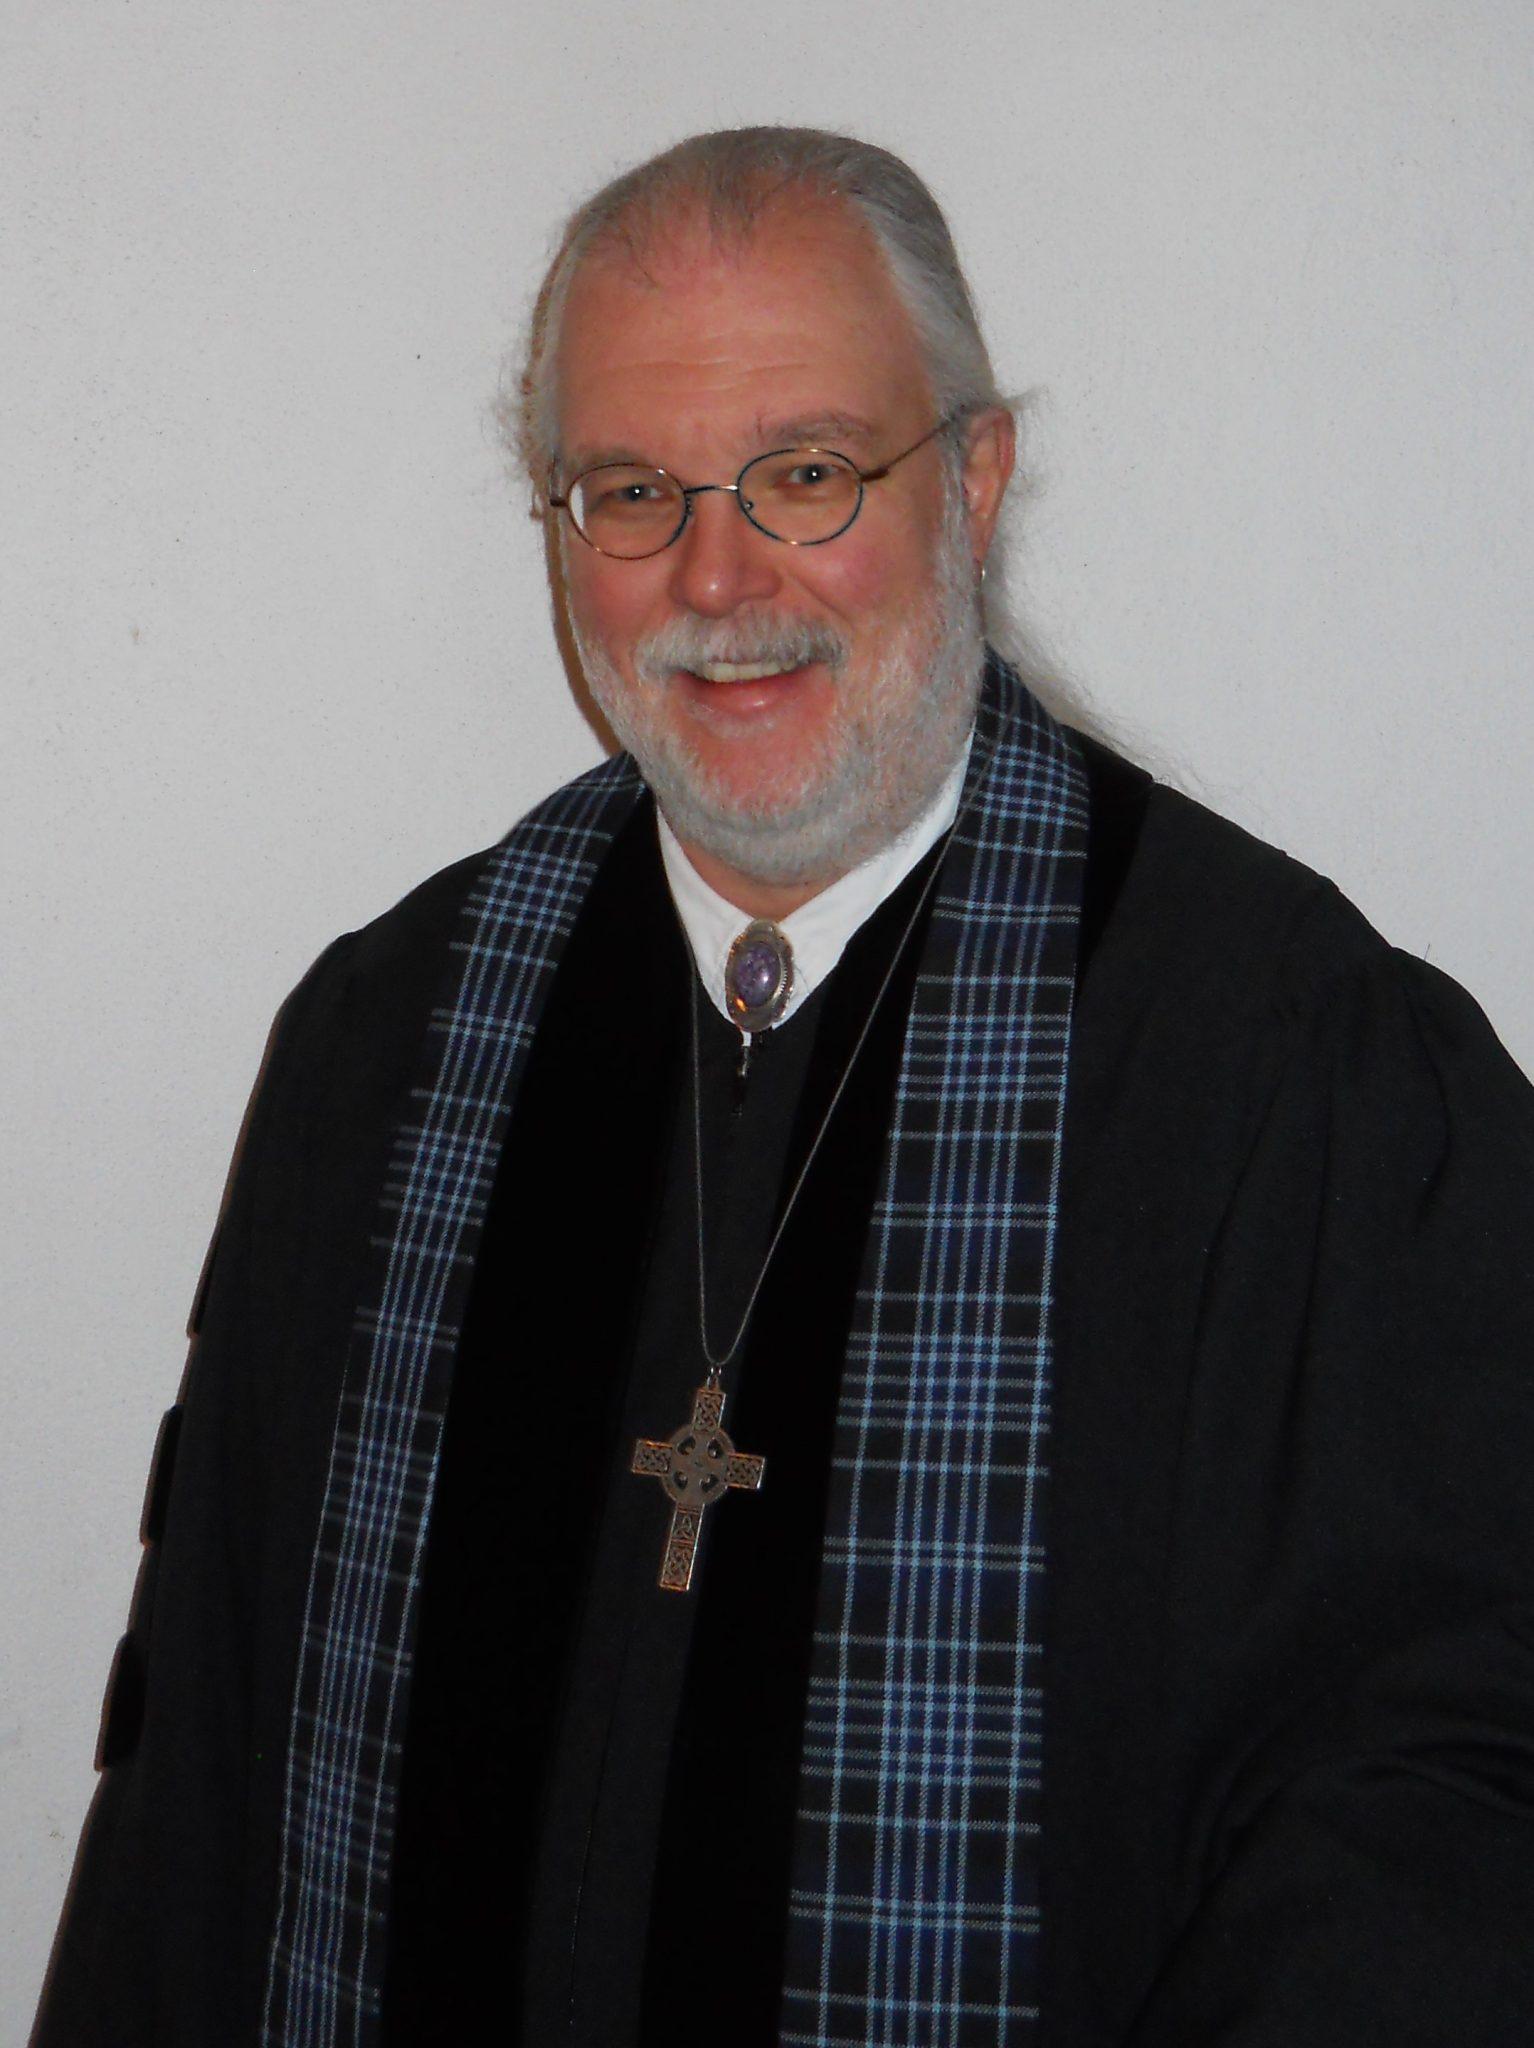 Ken Cuthbertson